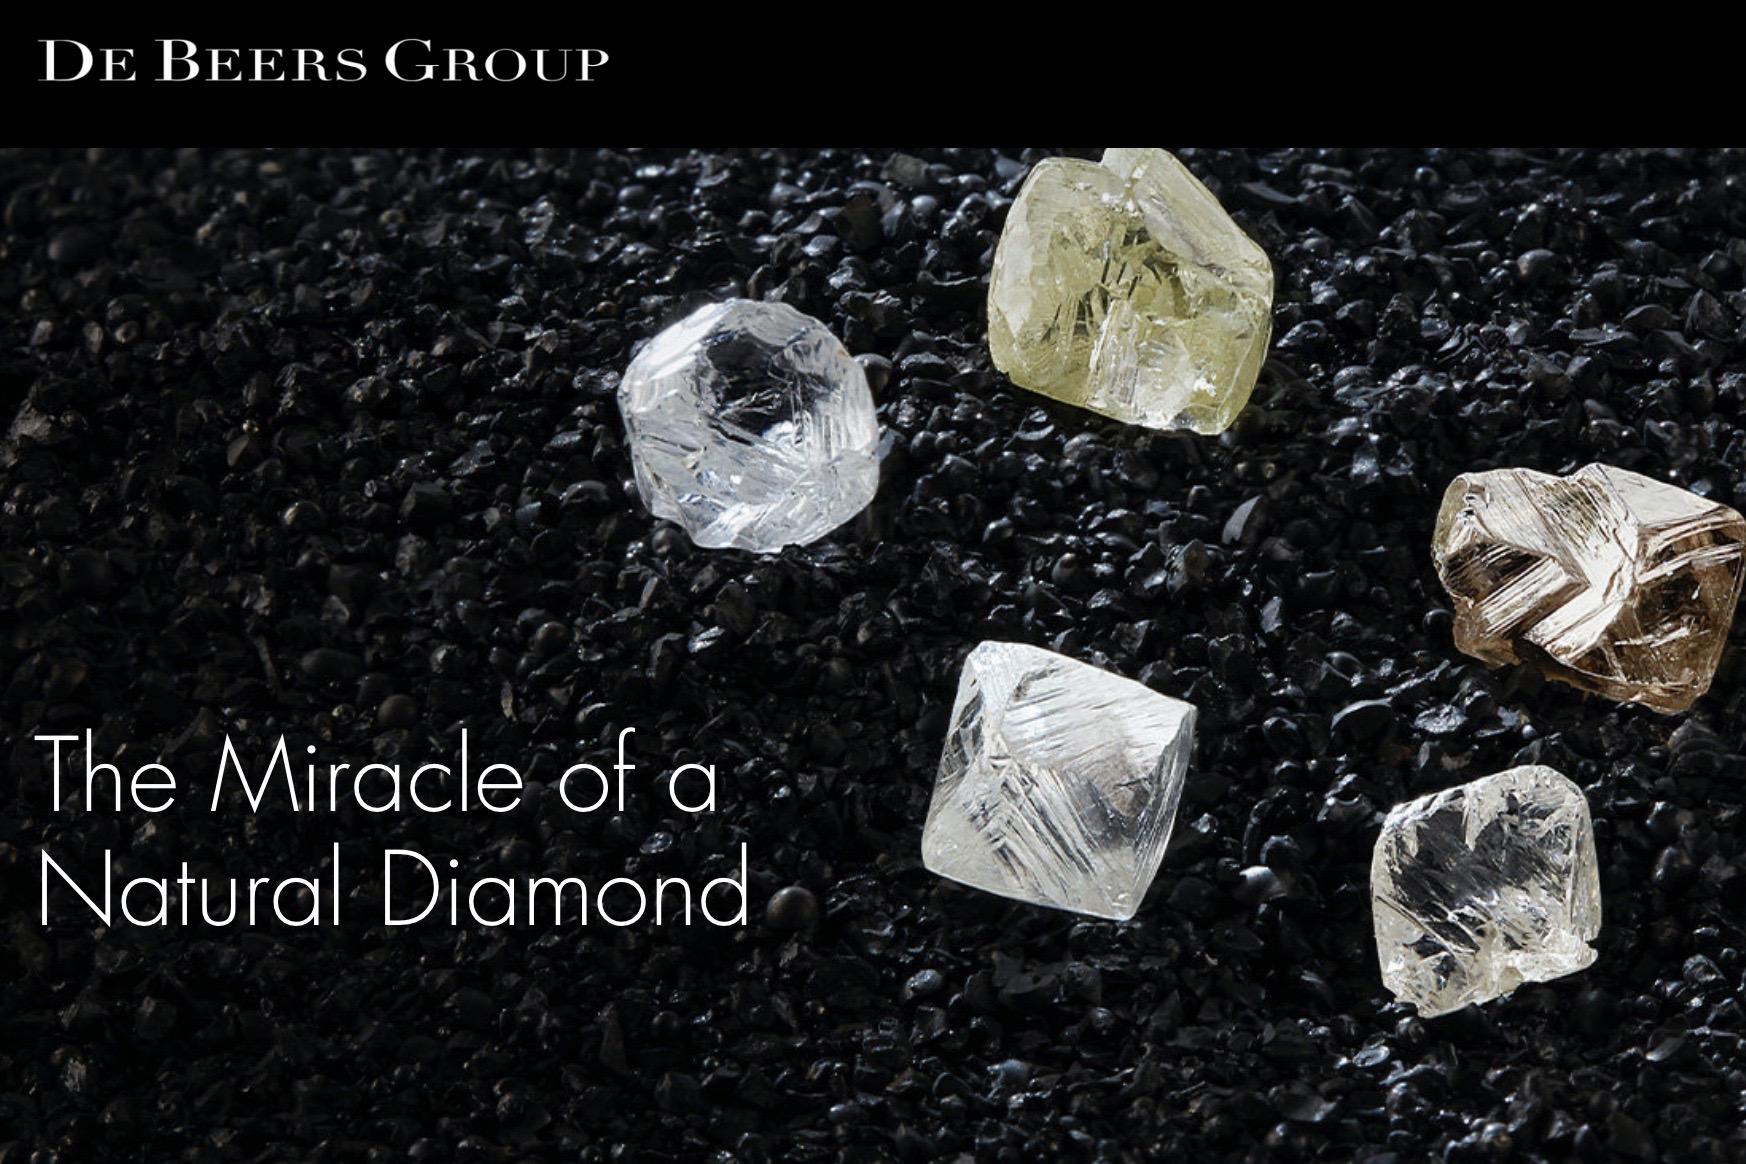 钻石珠宝消费回暖,De Beers 疫情以来首次上调钻石原石价格